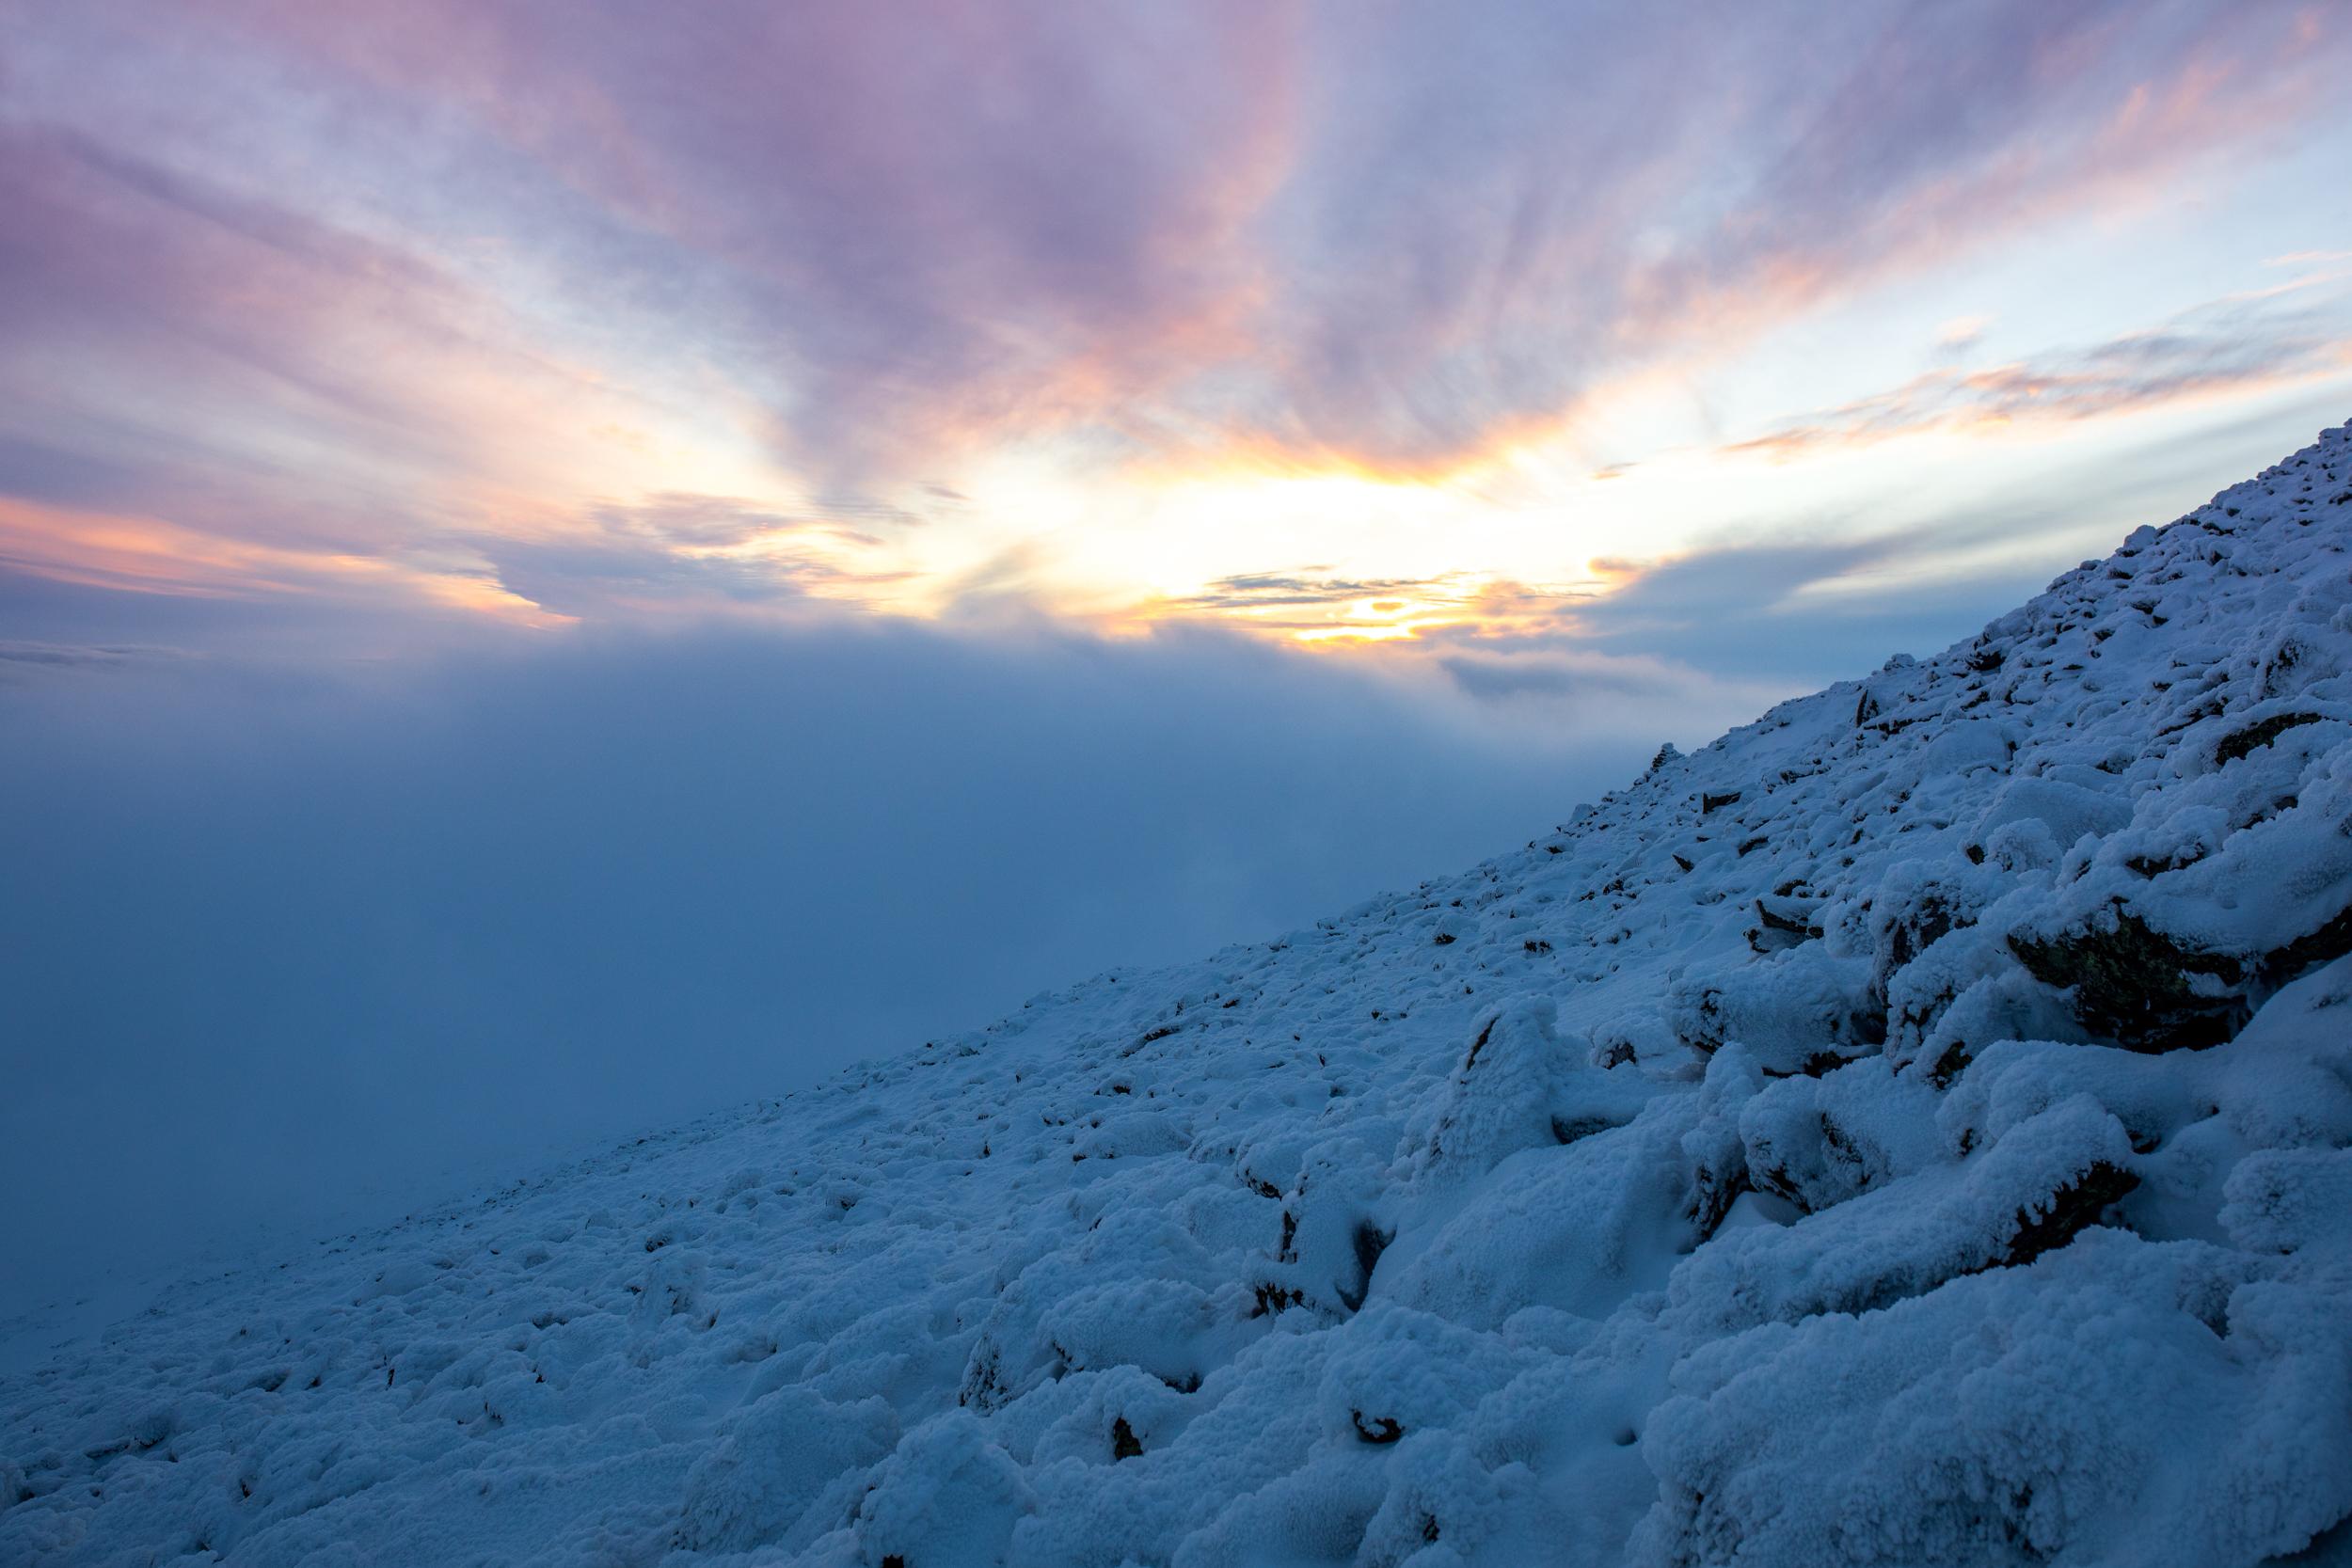 Mount Washington Sunset West.jpg